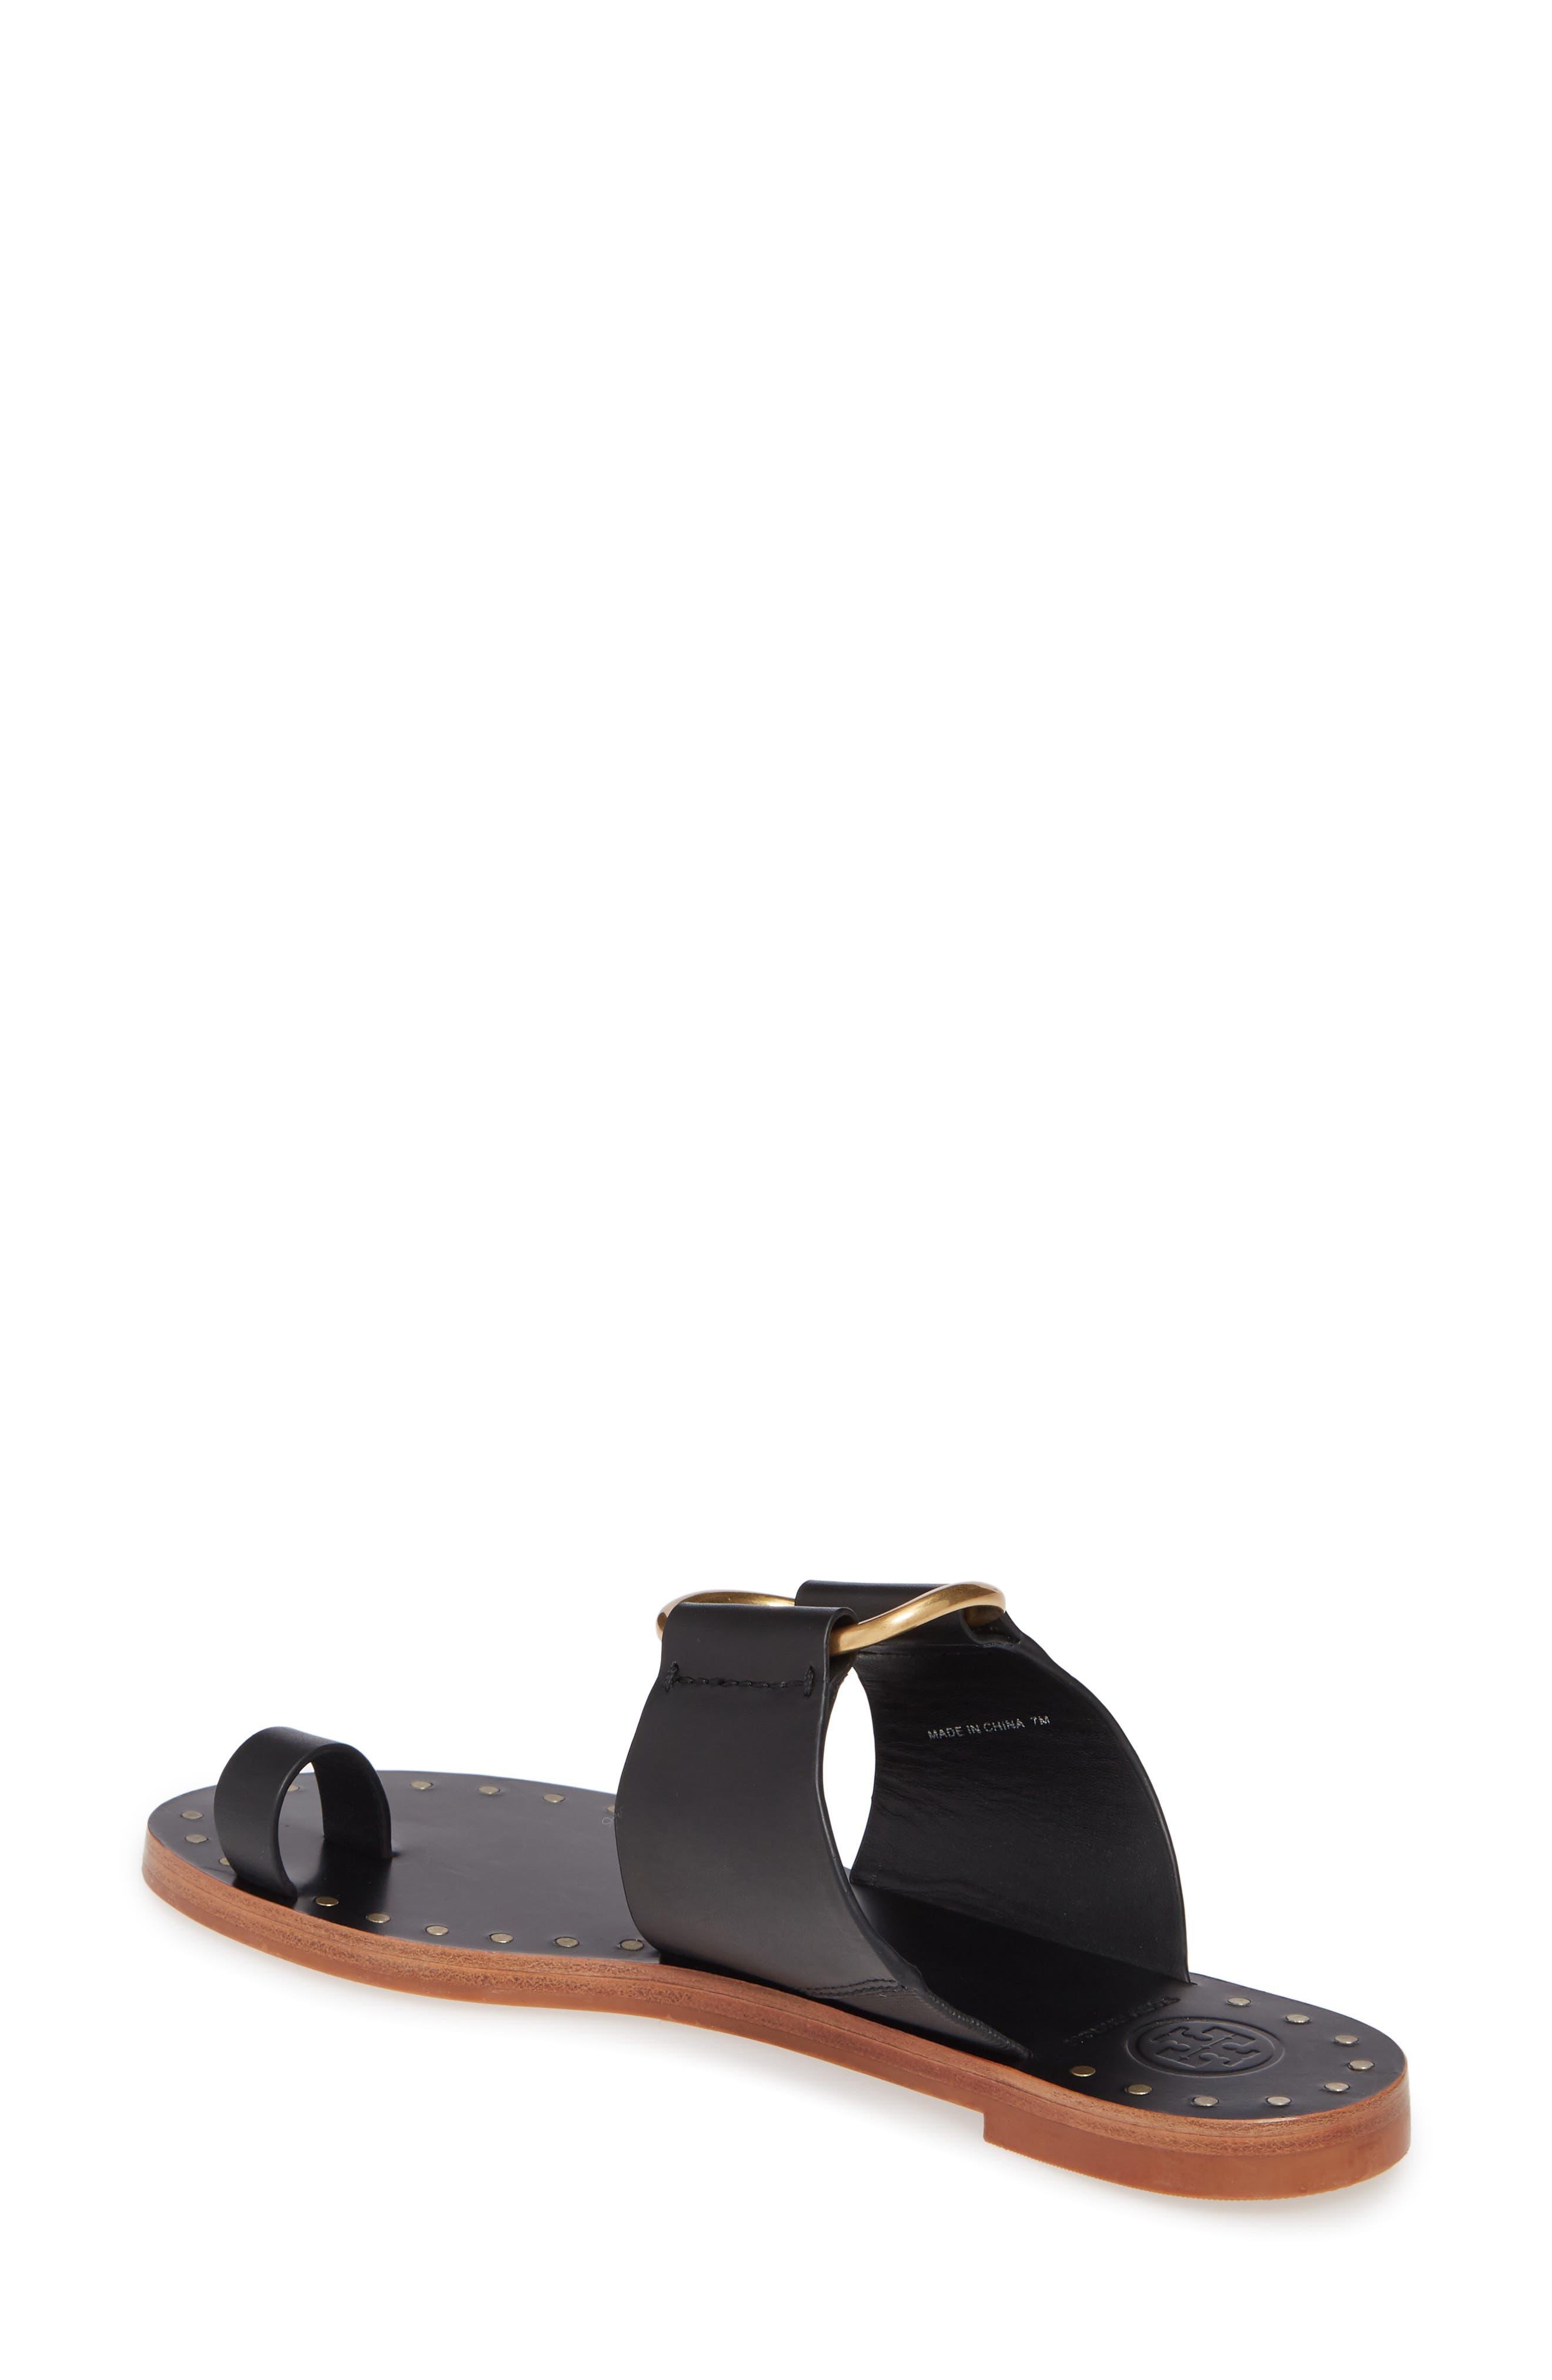 TORY BURCH, Ravello Toe Ring Sandal, Alternate thumbnail 2, color, PERFECT BLACK/ GOLD